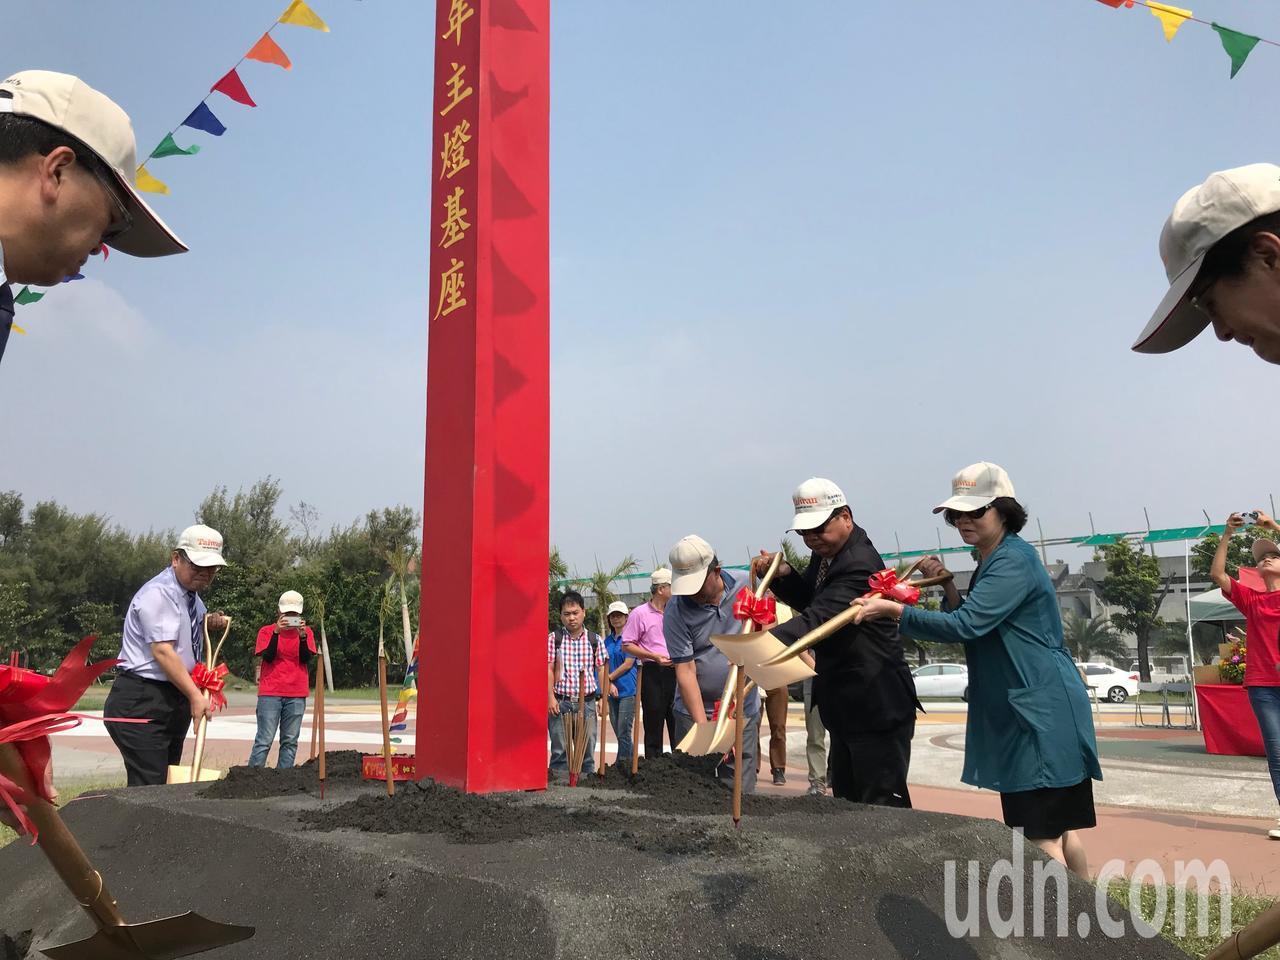 明年台灣燈會將在屏東縣舉辦,大鵬灣主燈區今天中午進行動土。記者蔣繼平/攝影